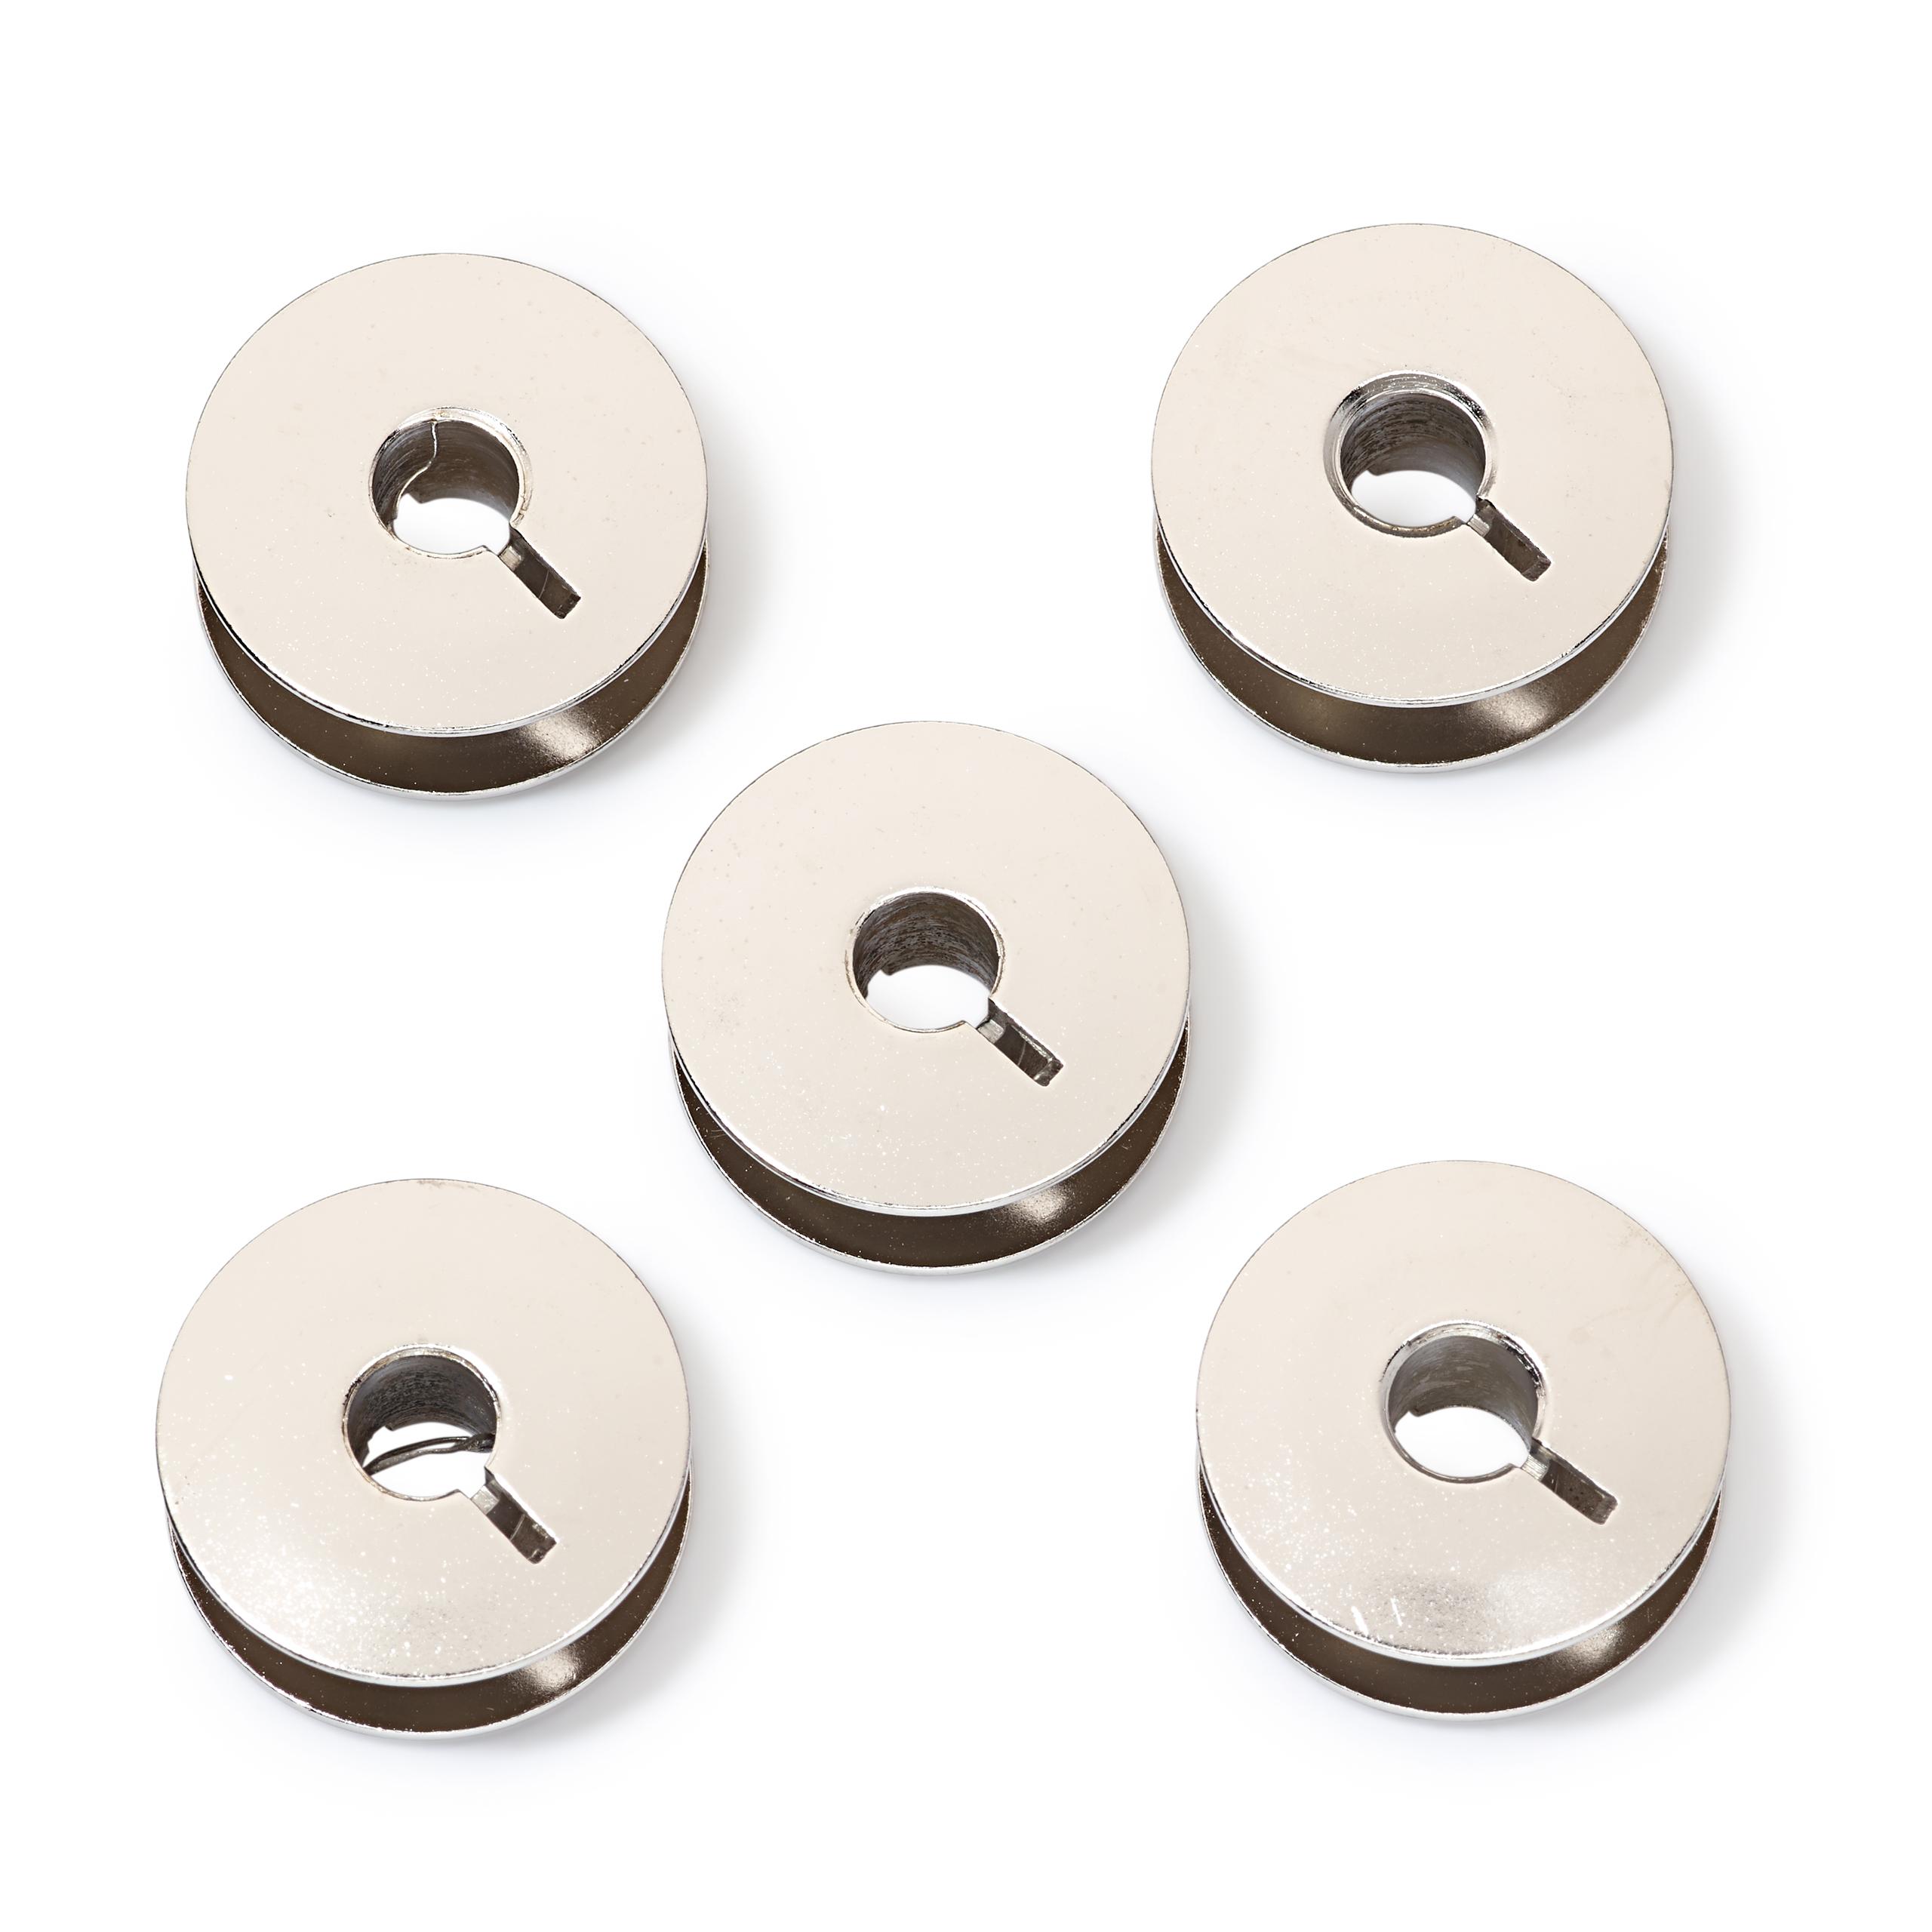 Spulen für Doppelumlaufgreifer, Prym - Art. 611352